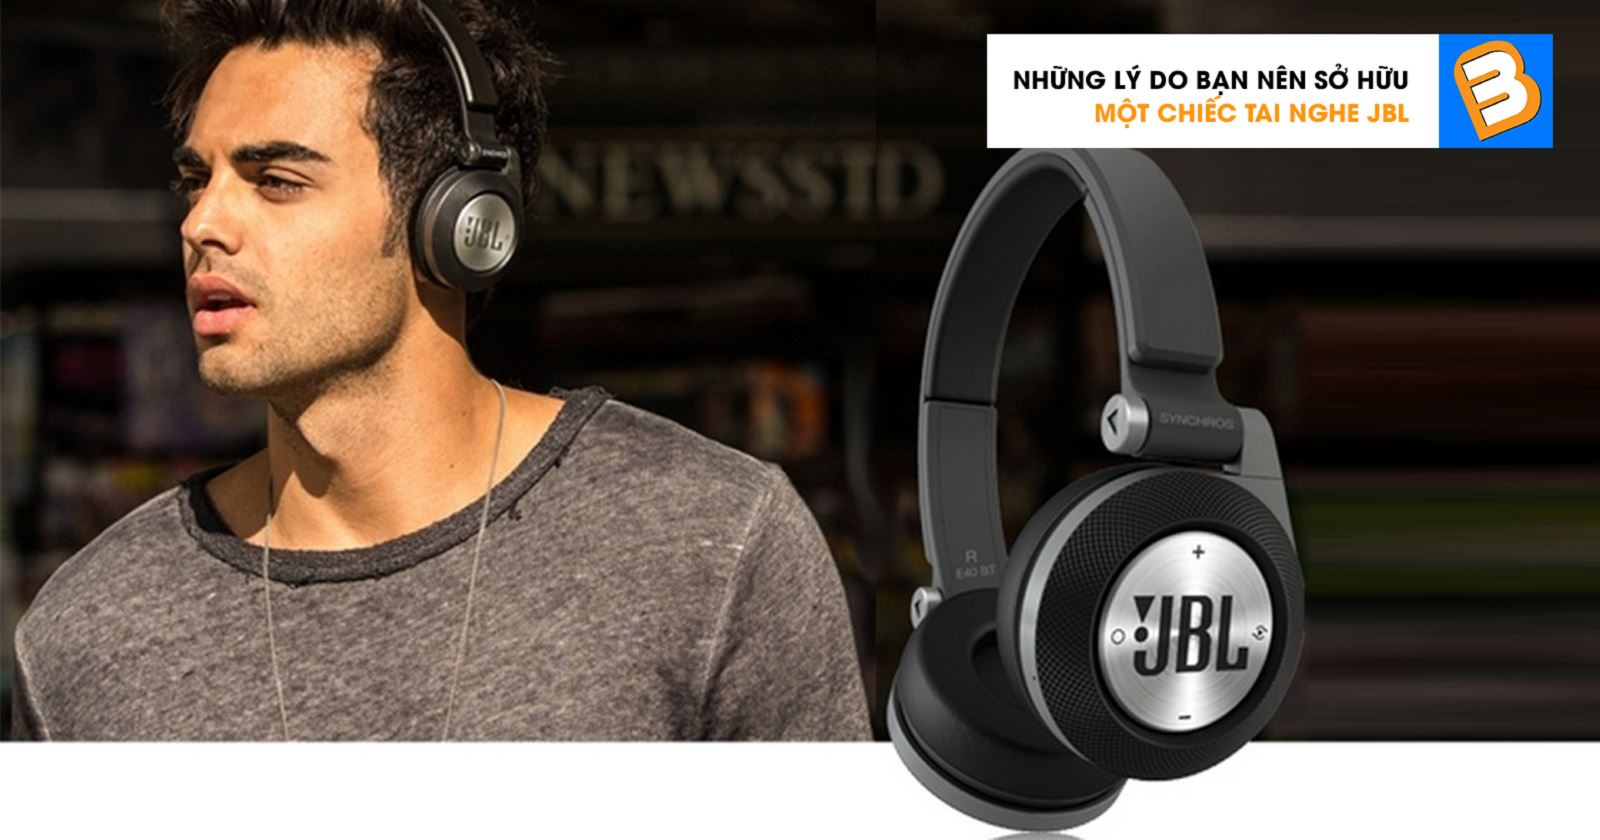 Những lý do bạn nên sở hữu một chiếc tai nghe JBL